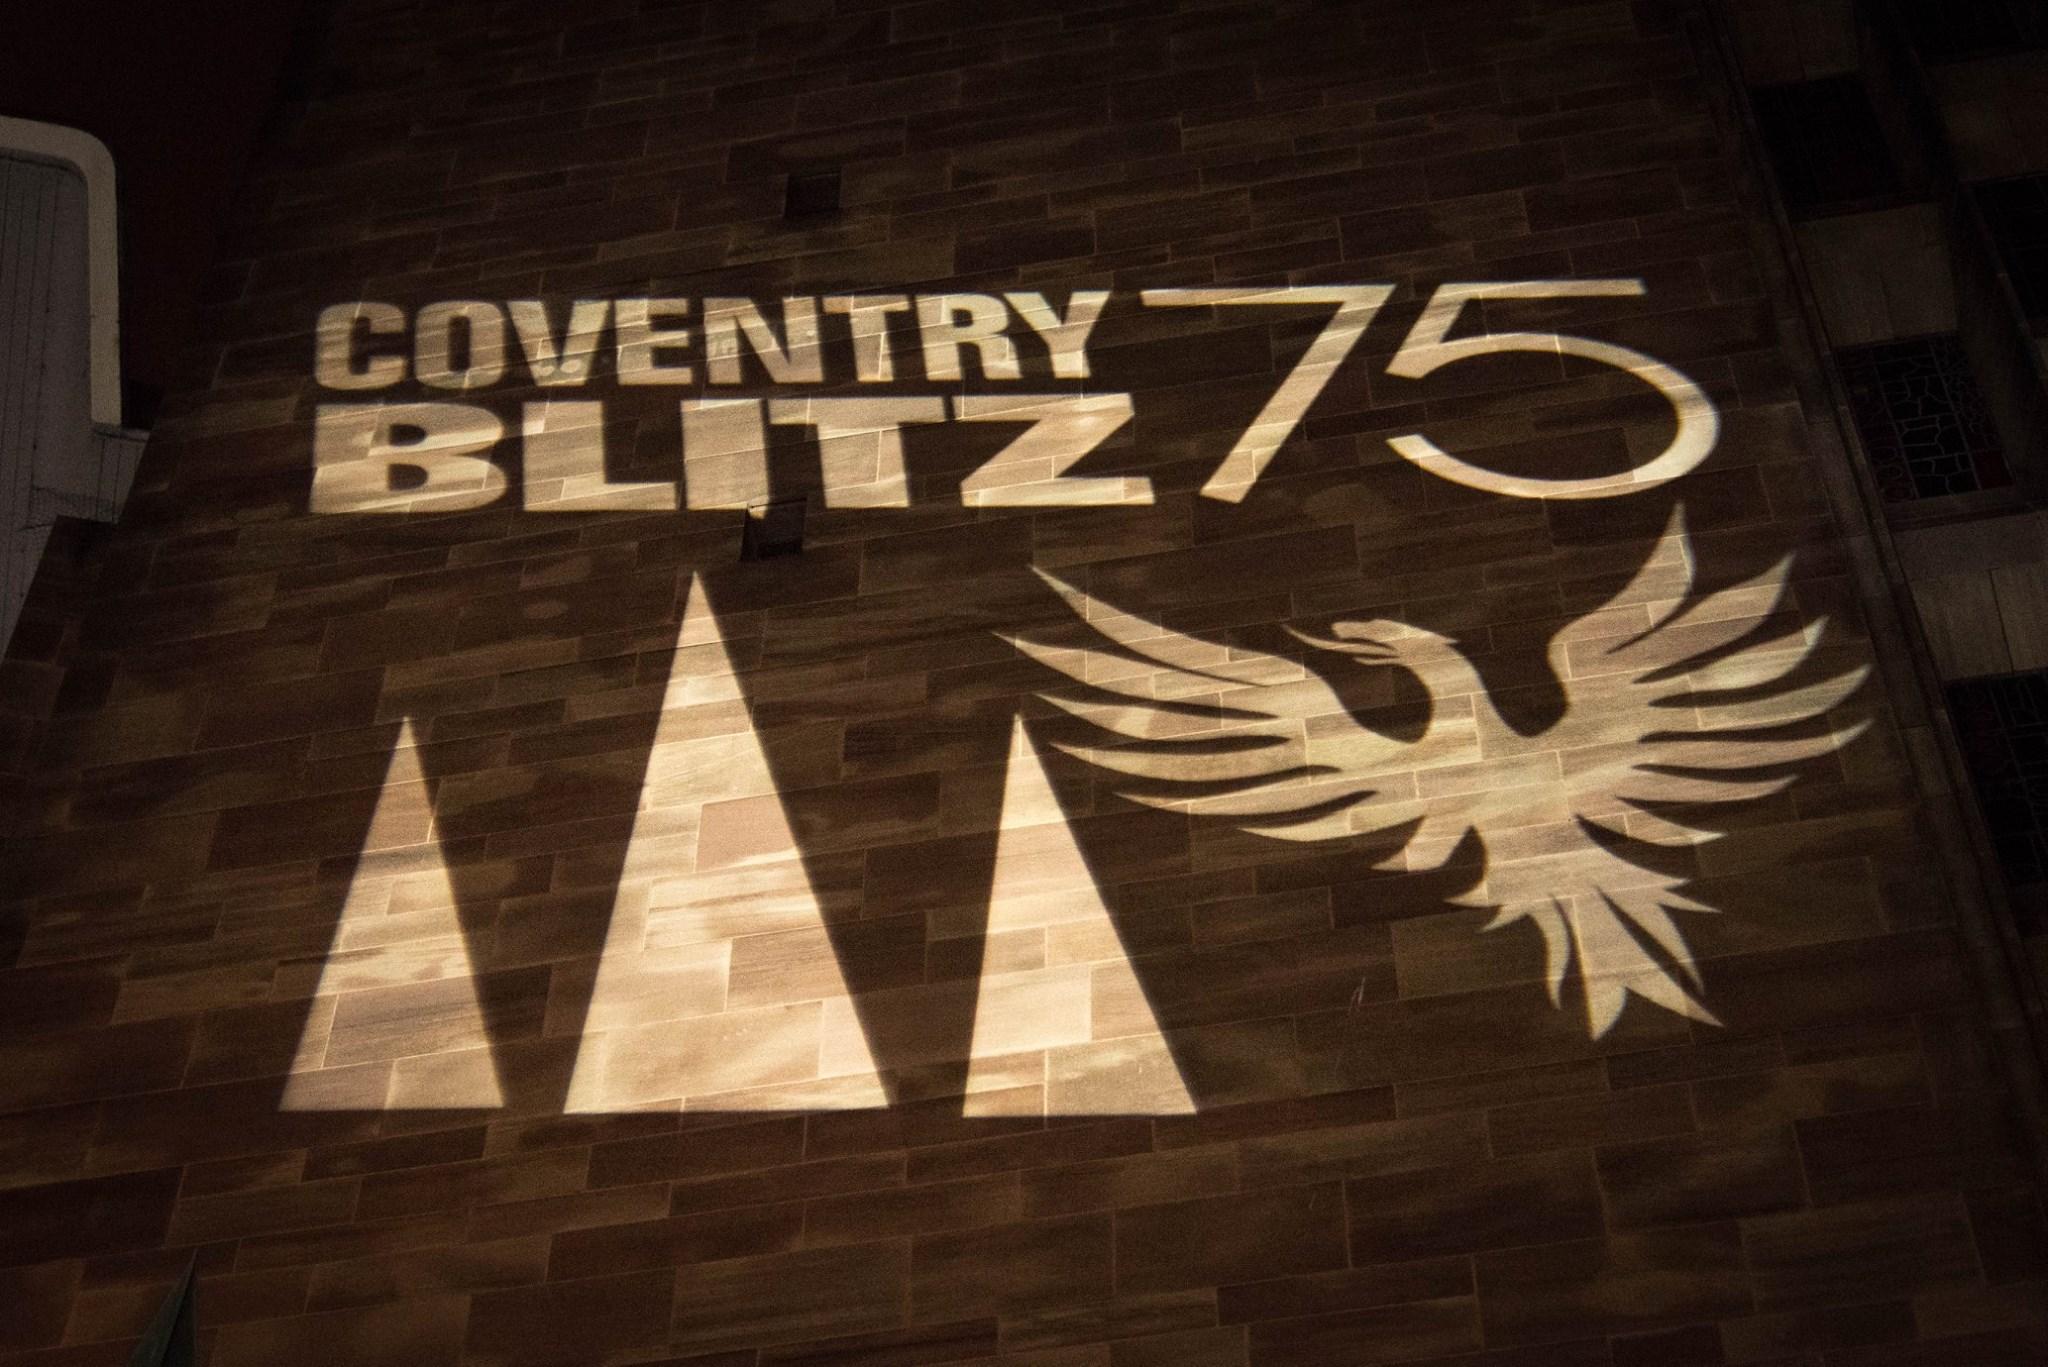 Blitz 22